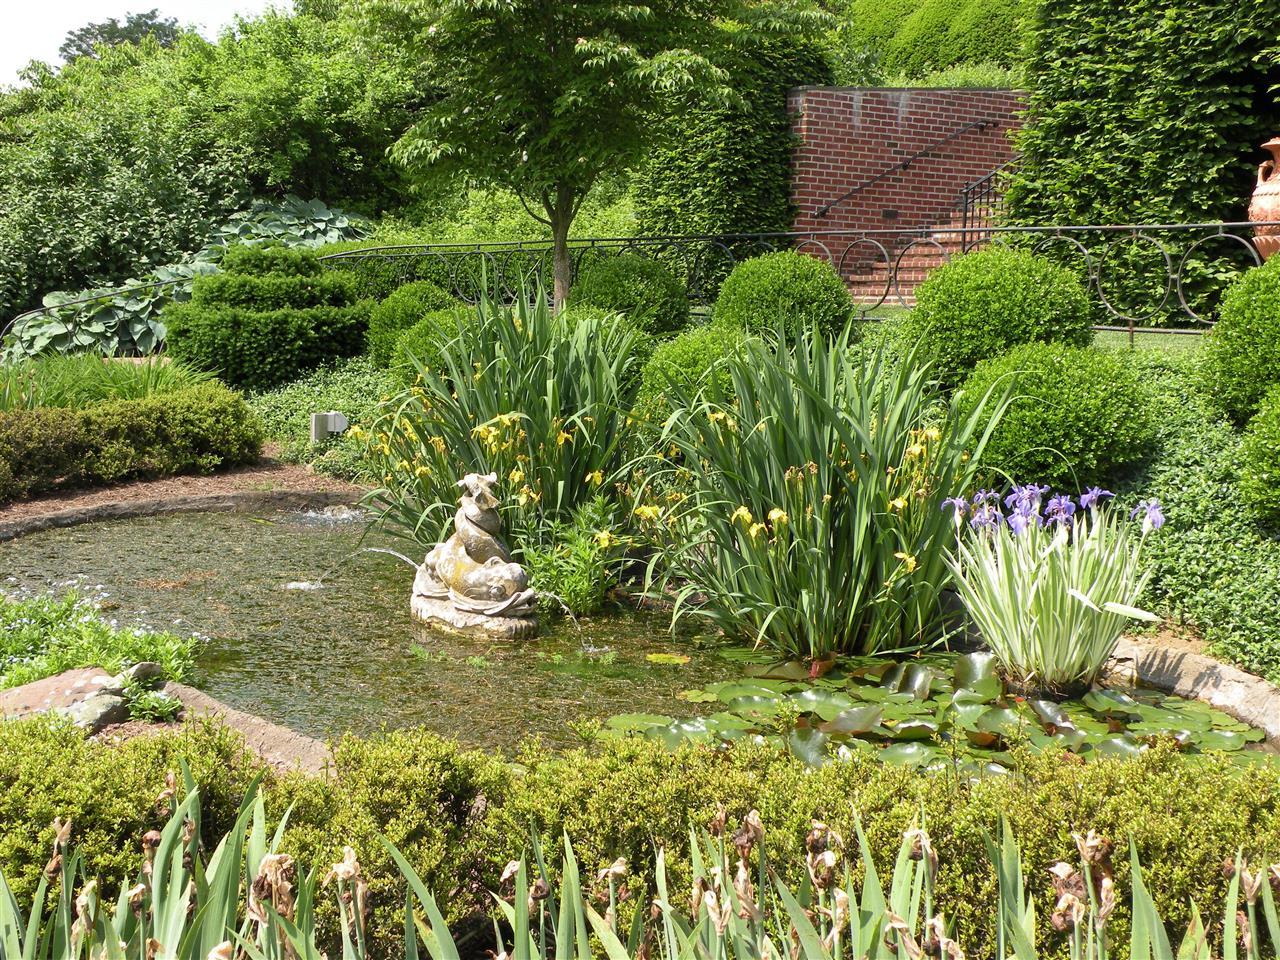 iris pond at Ladew Topiary Garden, Monkton, MD